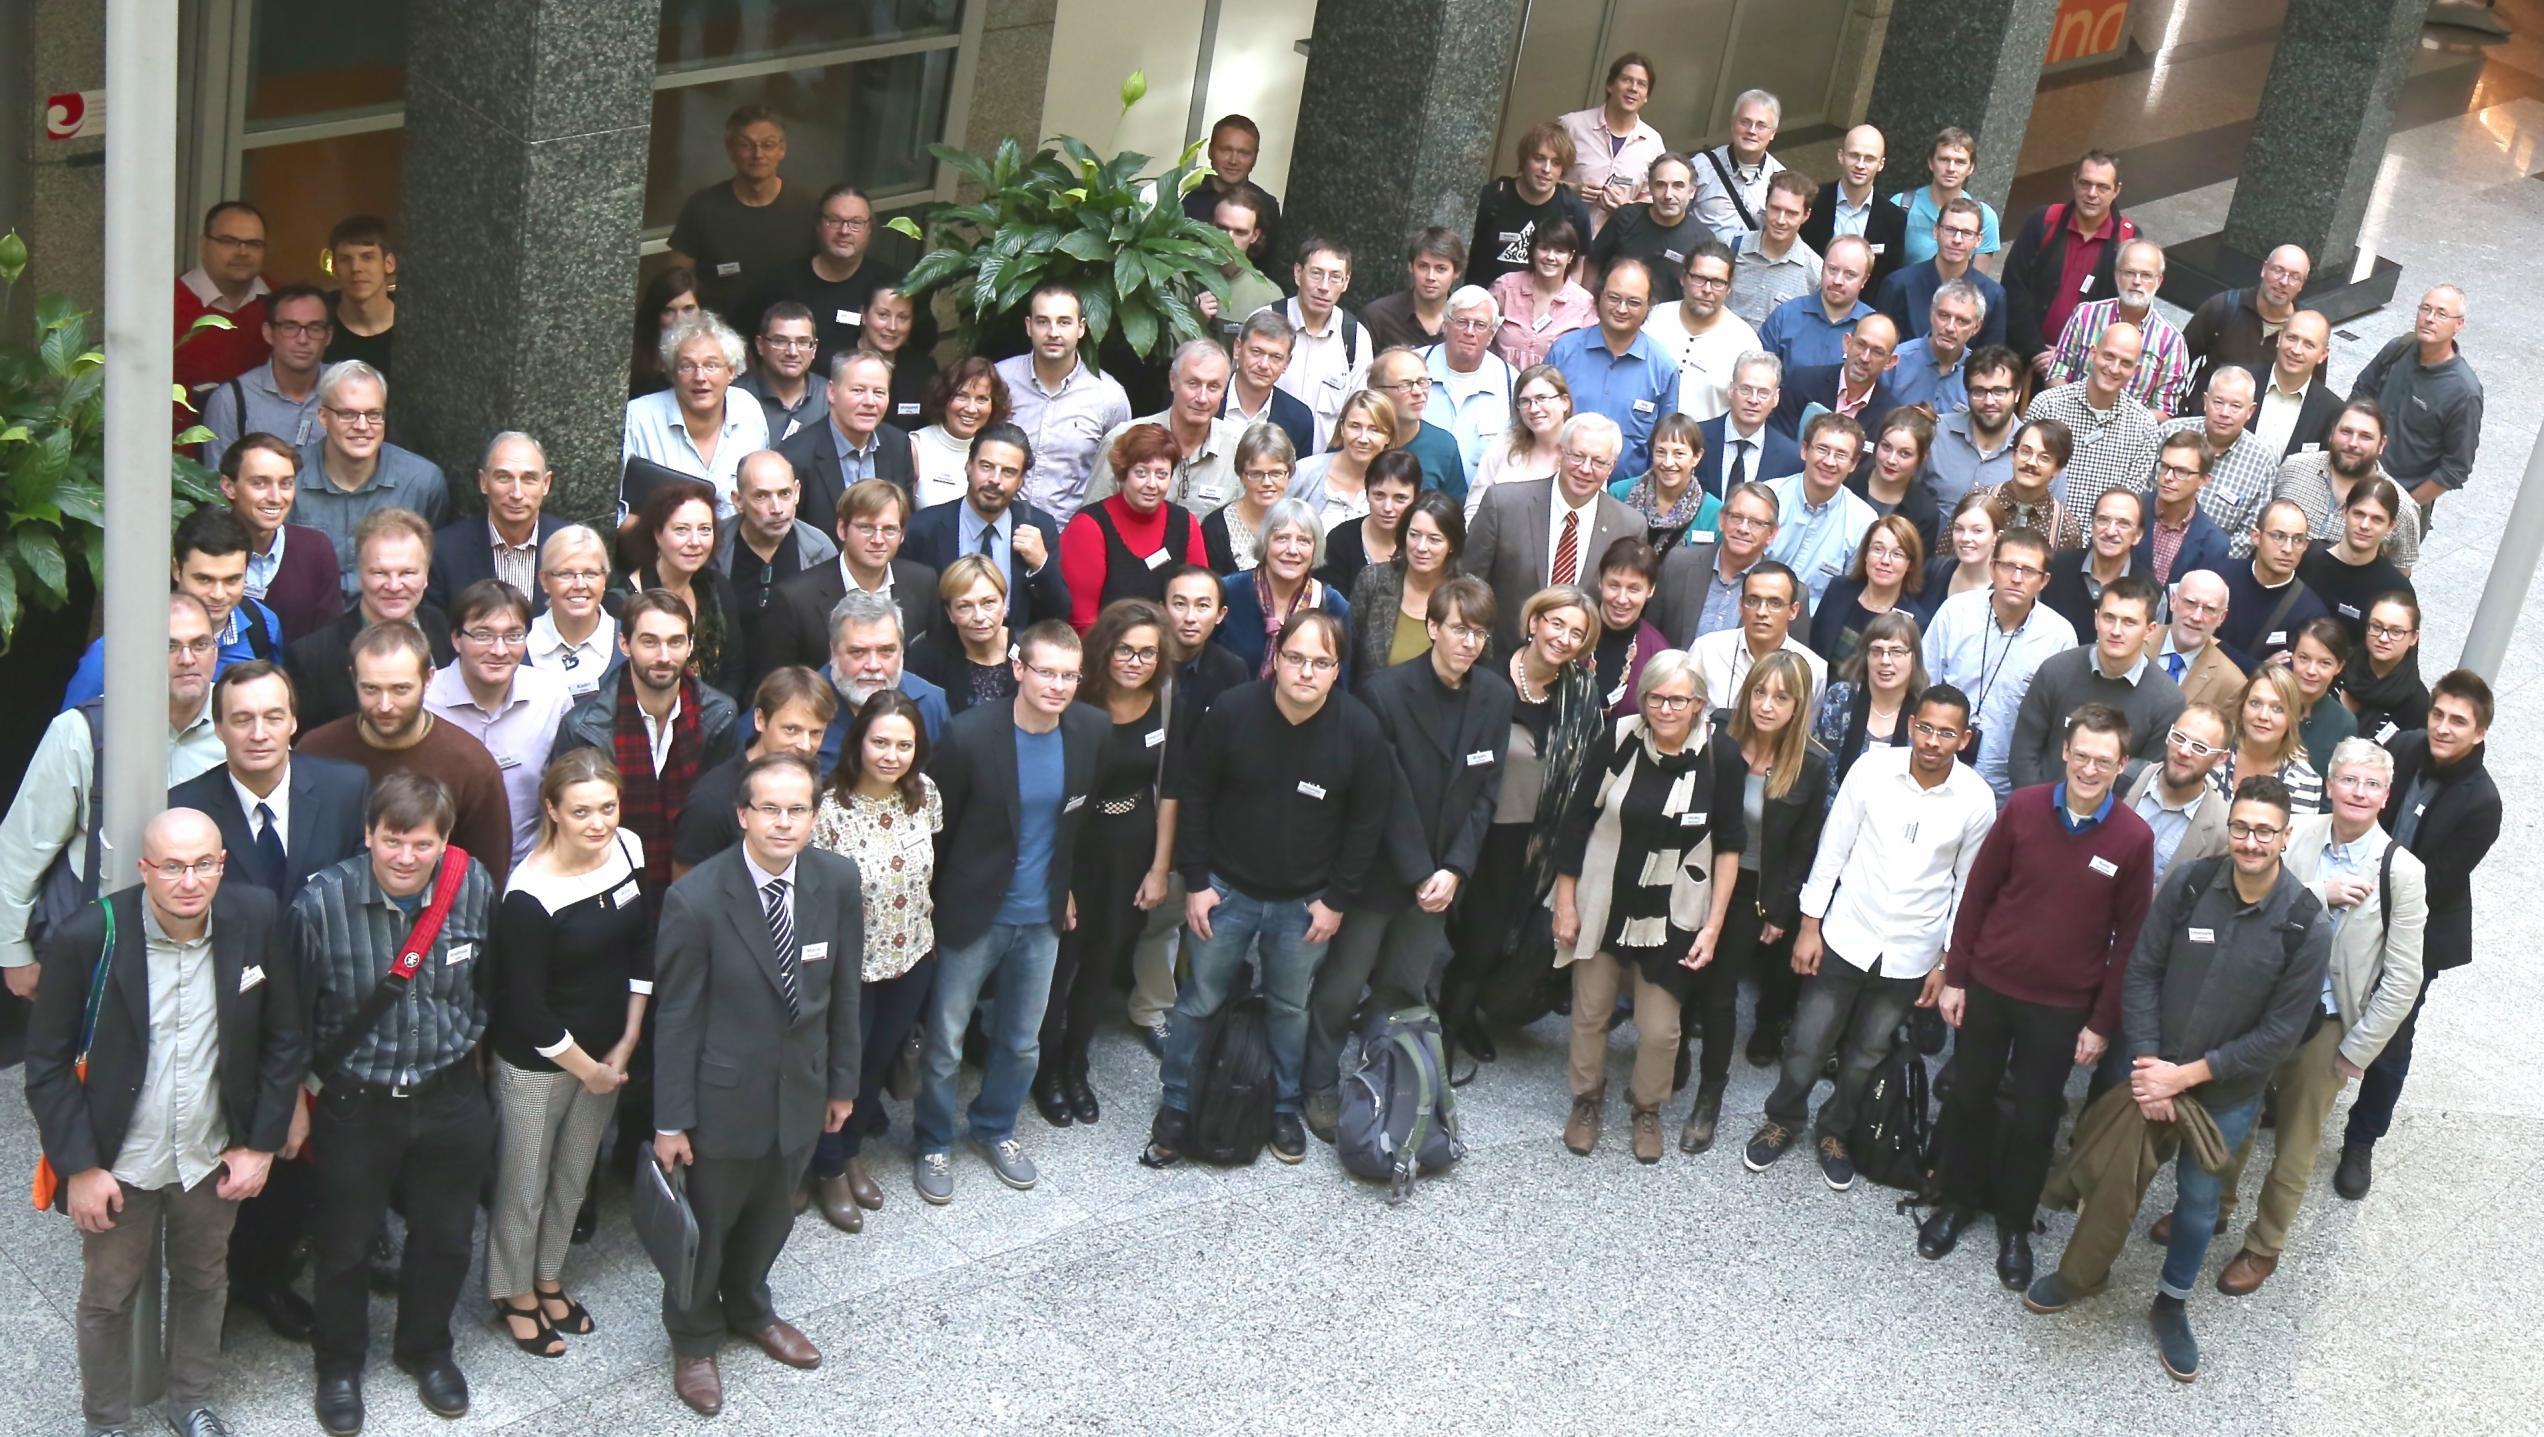 Die Teilnehmerinnen und Teilnehmer der CLARIN Annual Conference 2015